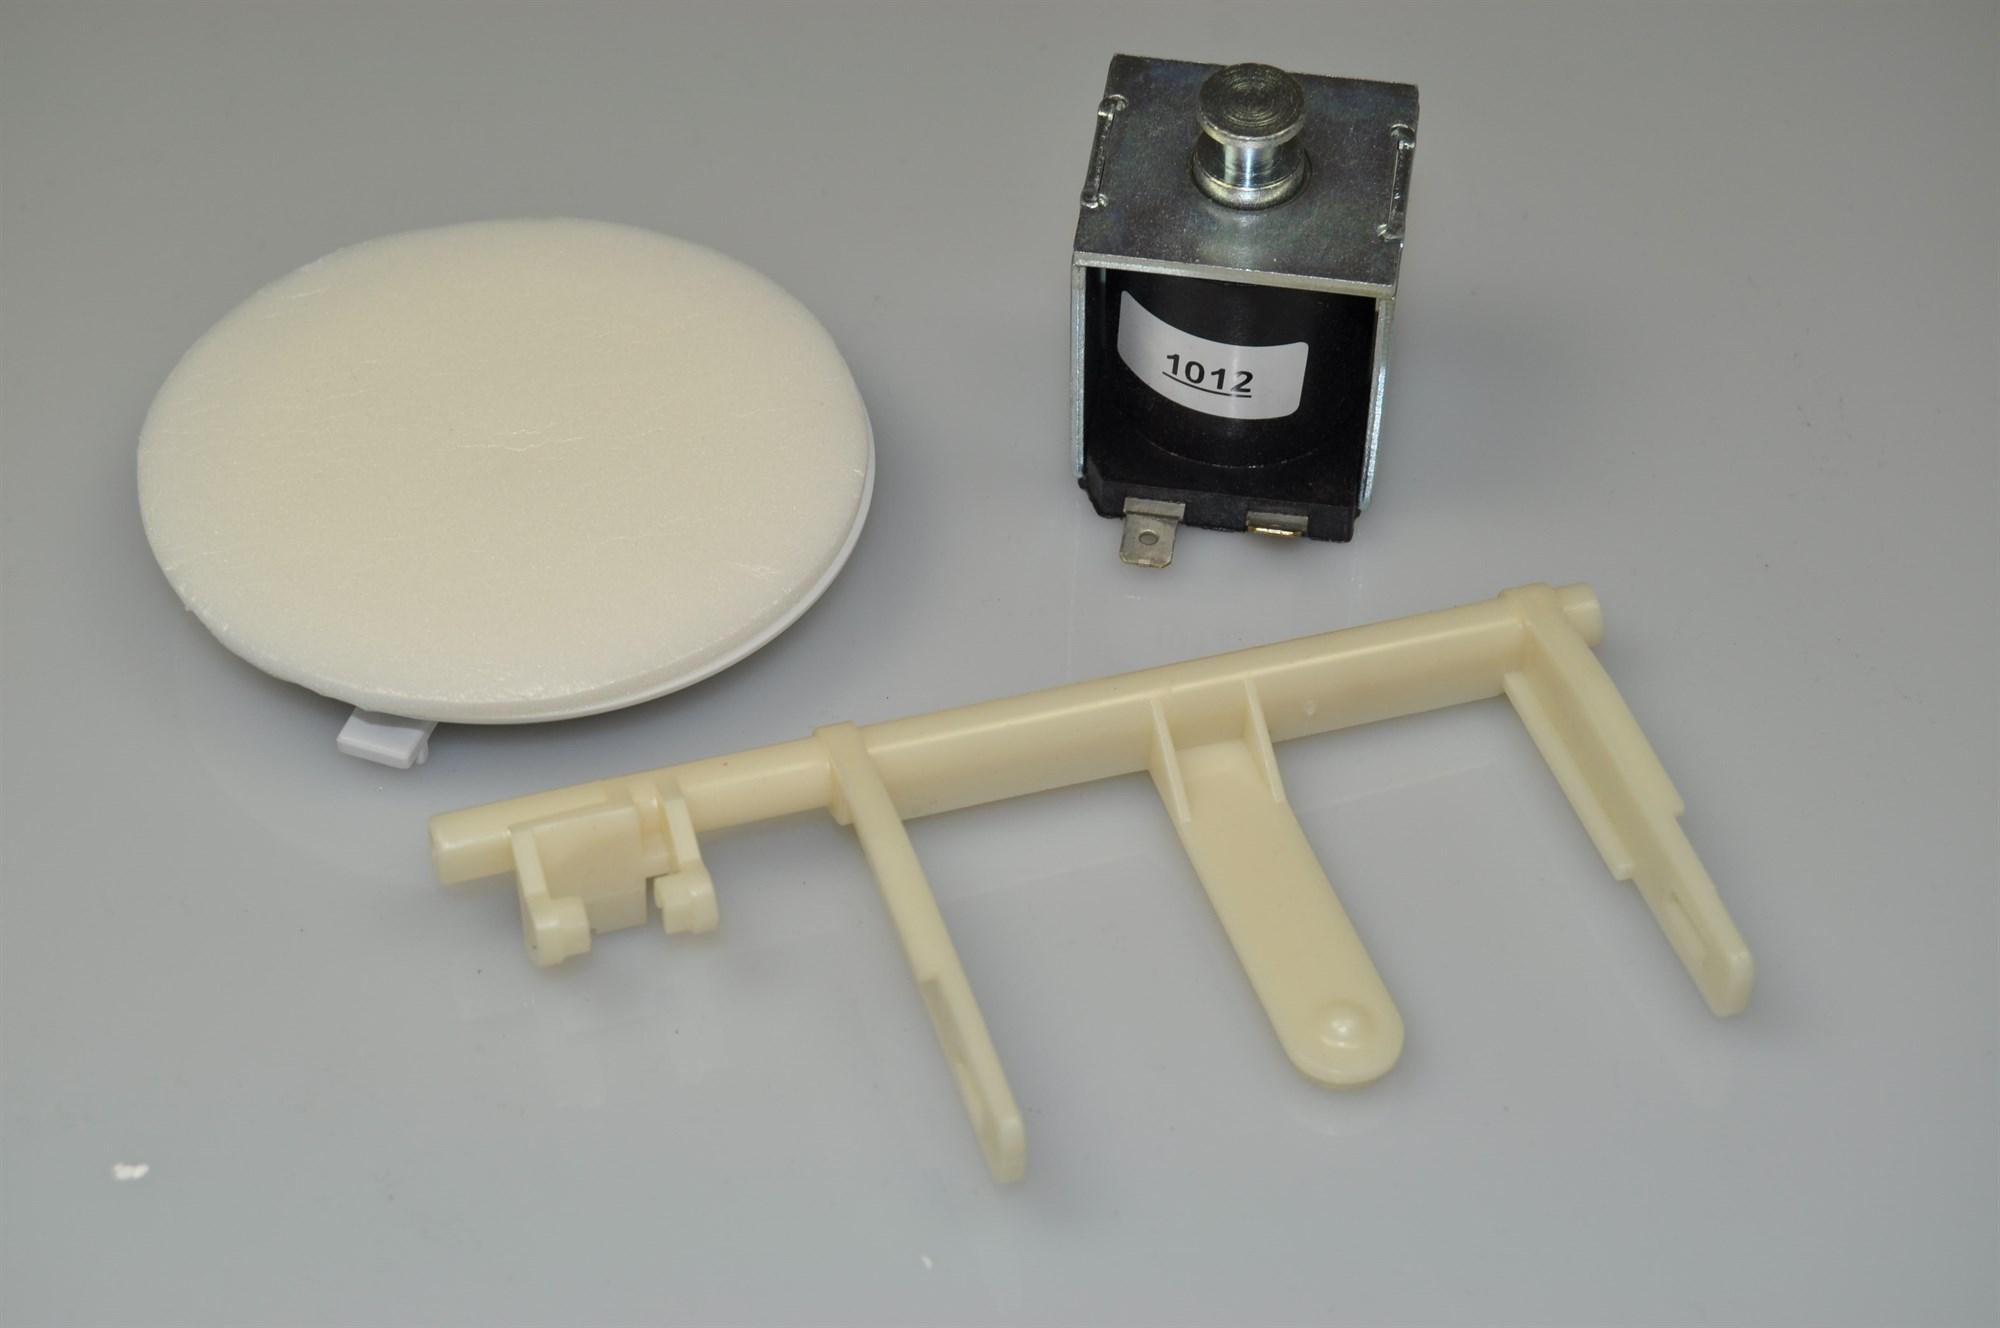 umbauset für den eiswürfelspender, aeg side by side  ~ Kühlschrank Eiswürfelspender